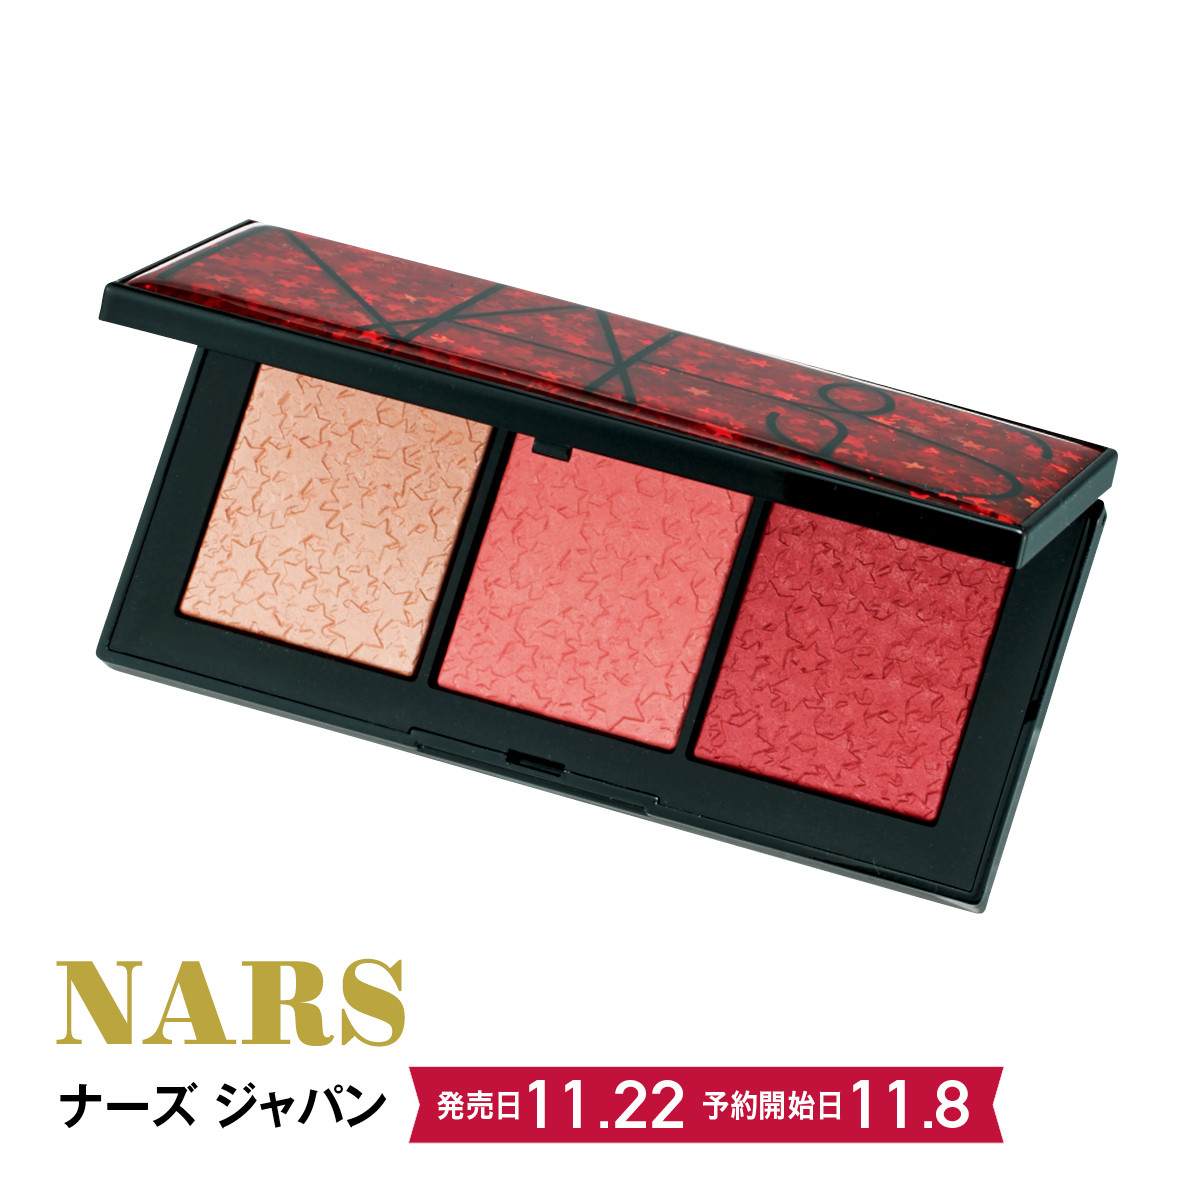 2019クリスマスコフレ&限定品:NARS/ナーズ